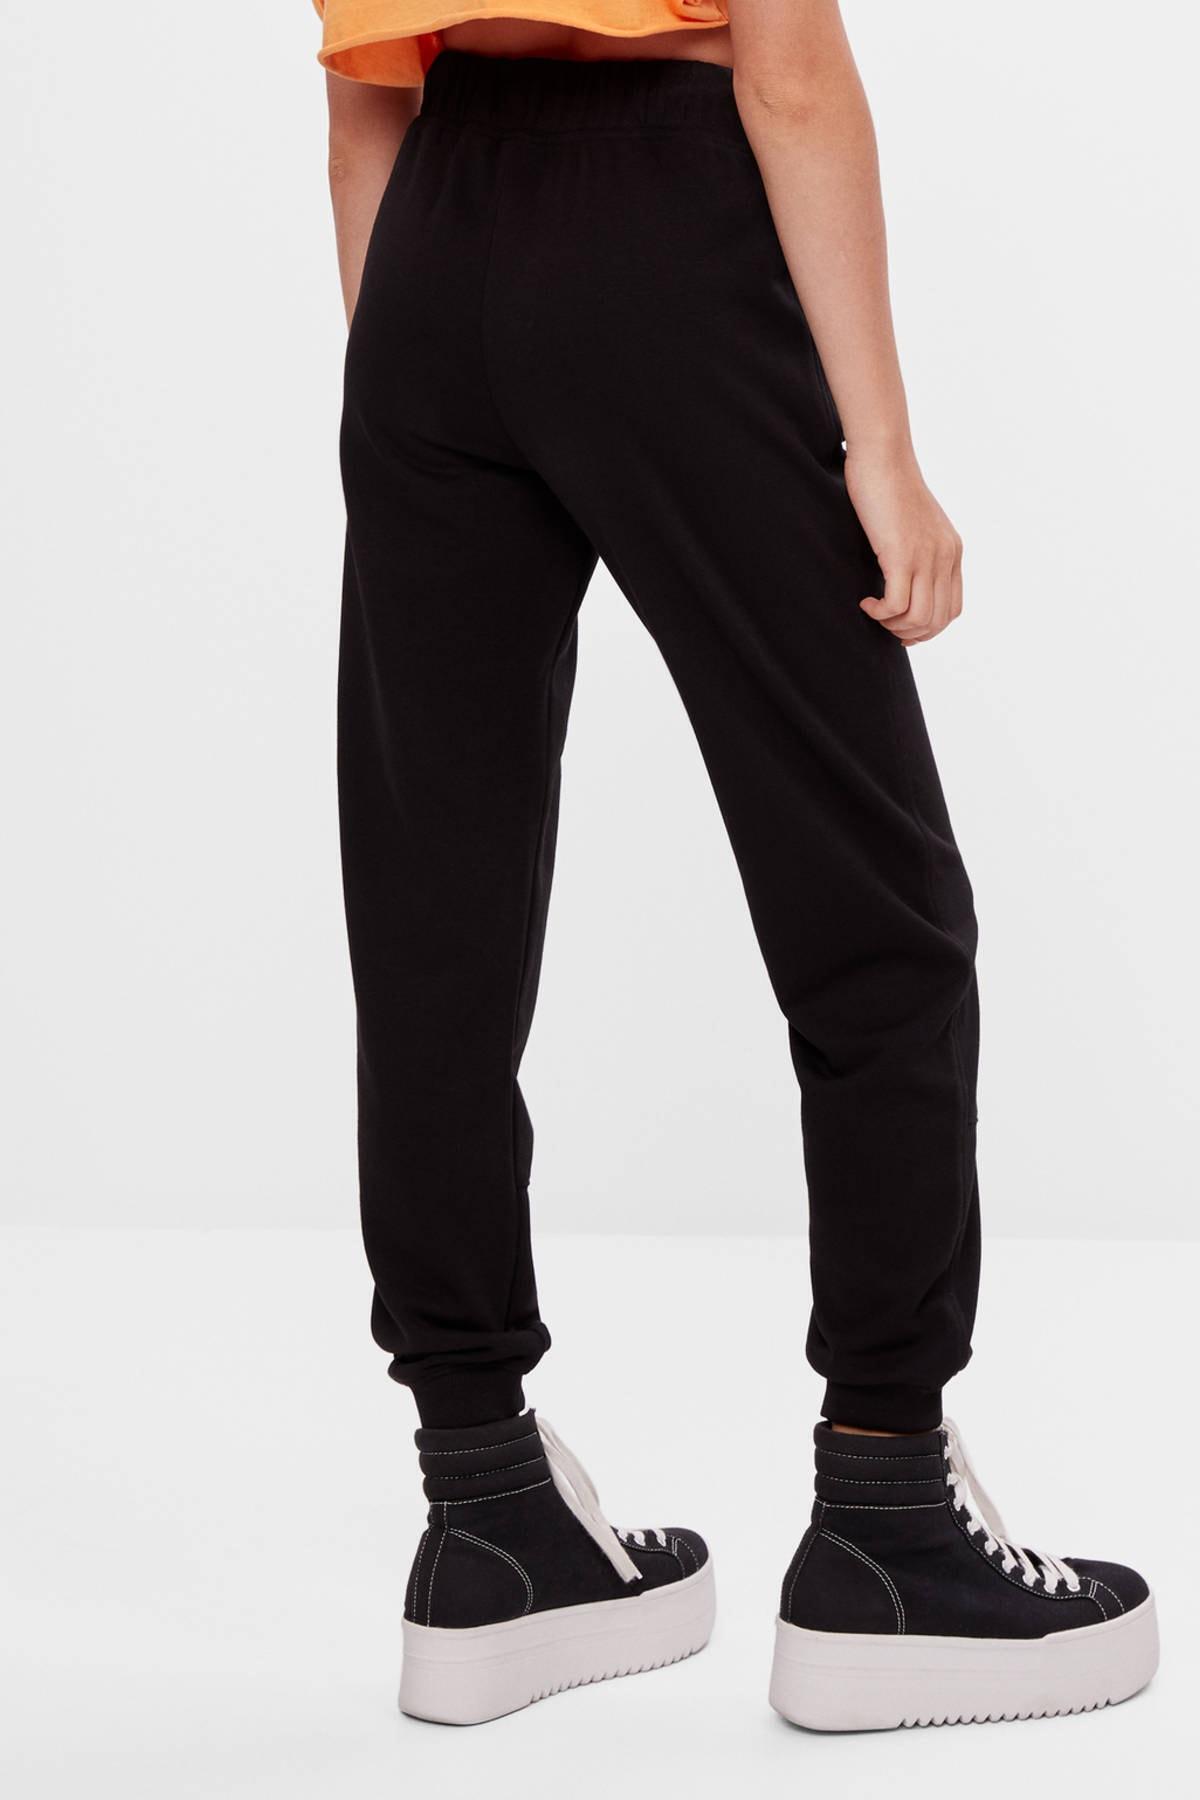 Bershka Kadın Siyah Koton Jogger Pantolon 2